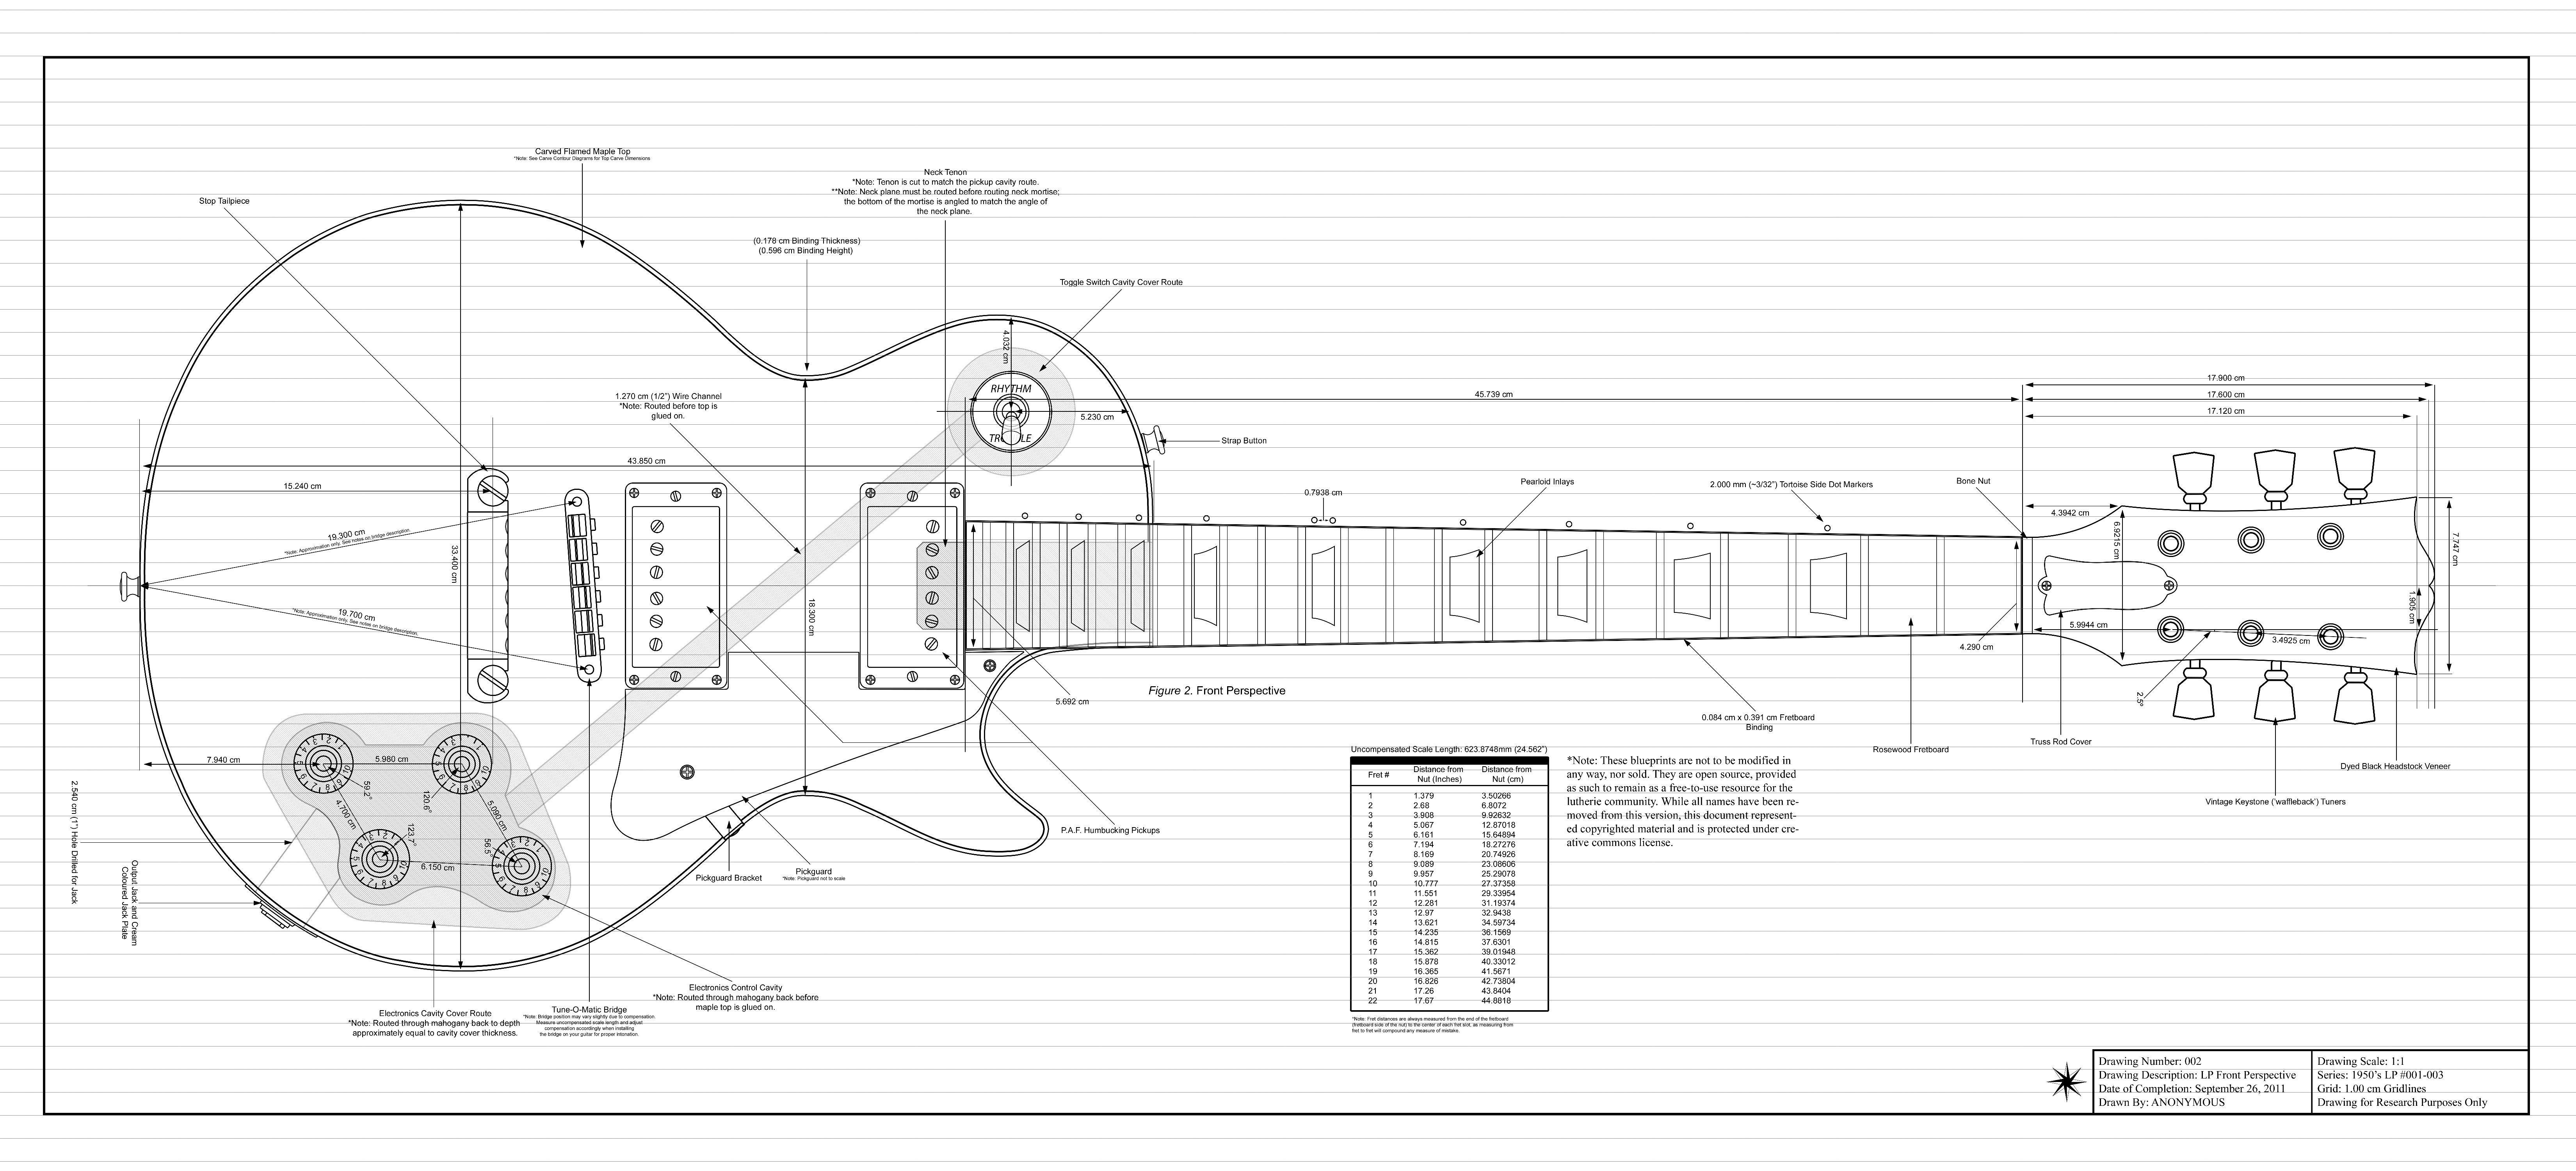 1950 s les paul guitare electrique lutherie amp re basse les paul dessins techniques [ 6600 x 3000 Pixel ]